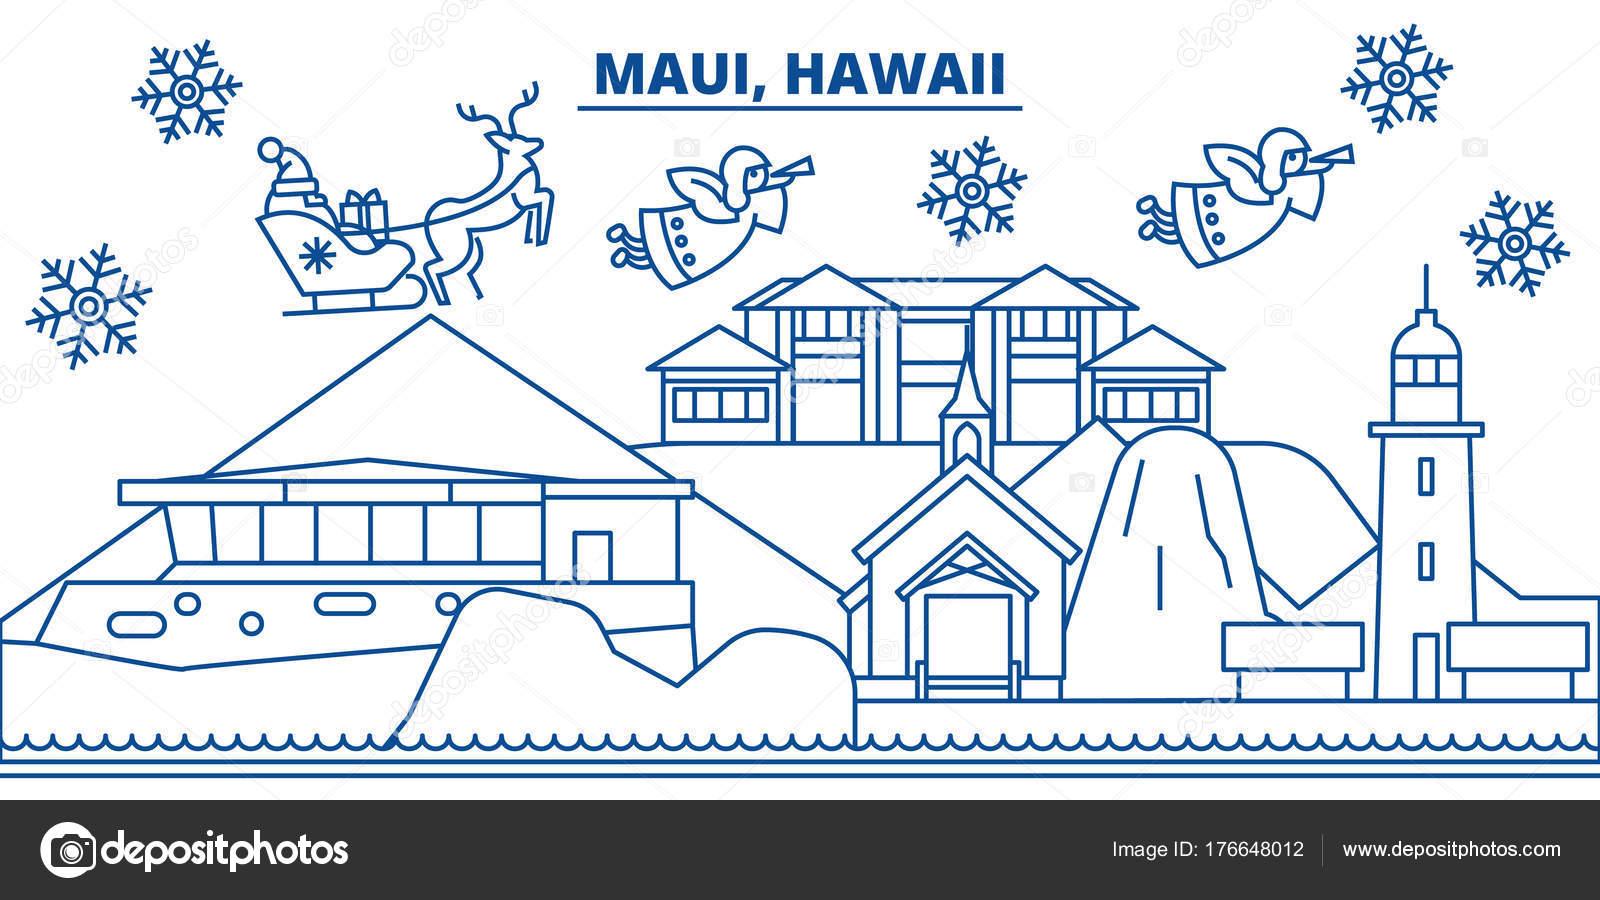 Frohe Weihnachten Hawaii.Usa Hawaii Maui Winter Skyline Der Stadt Frohe Weihnachten Und